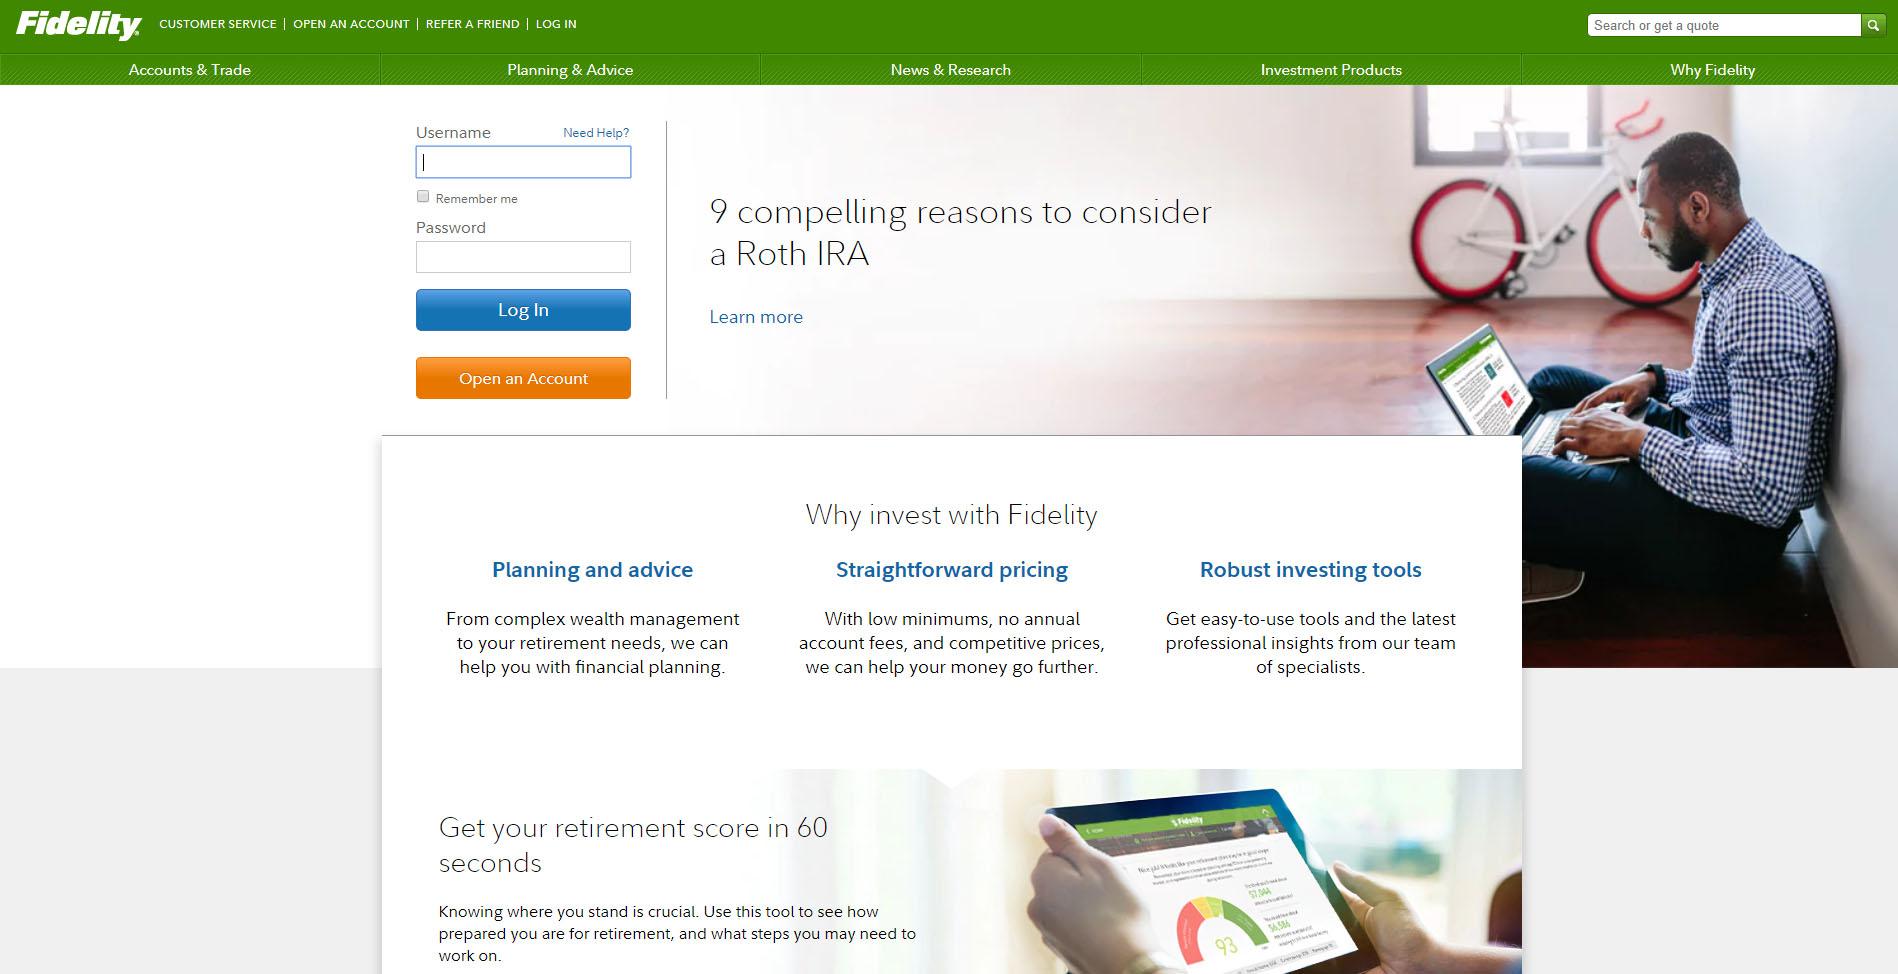 Fidelity (fidelity.com)